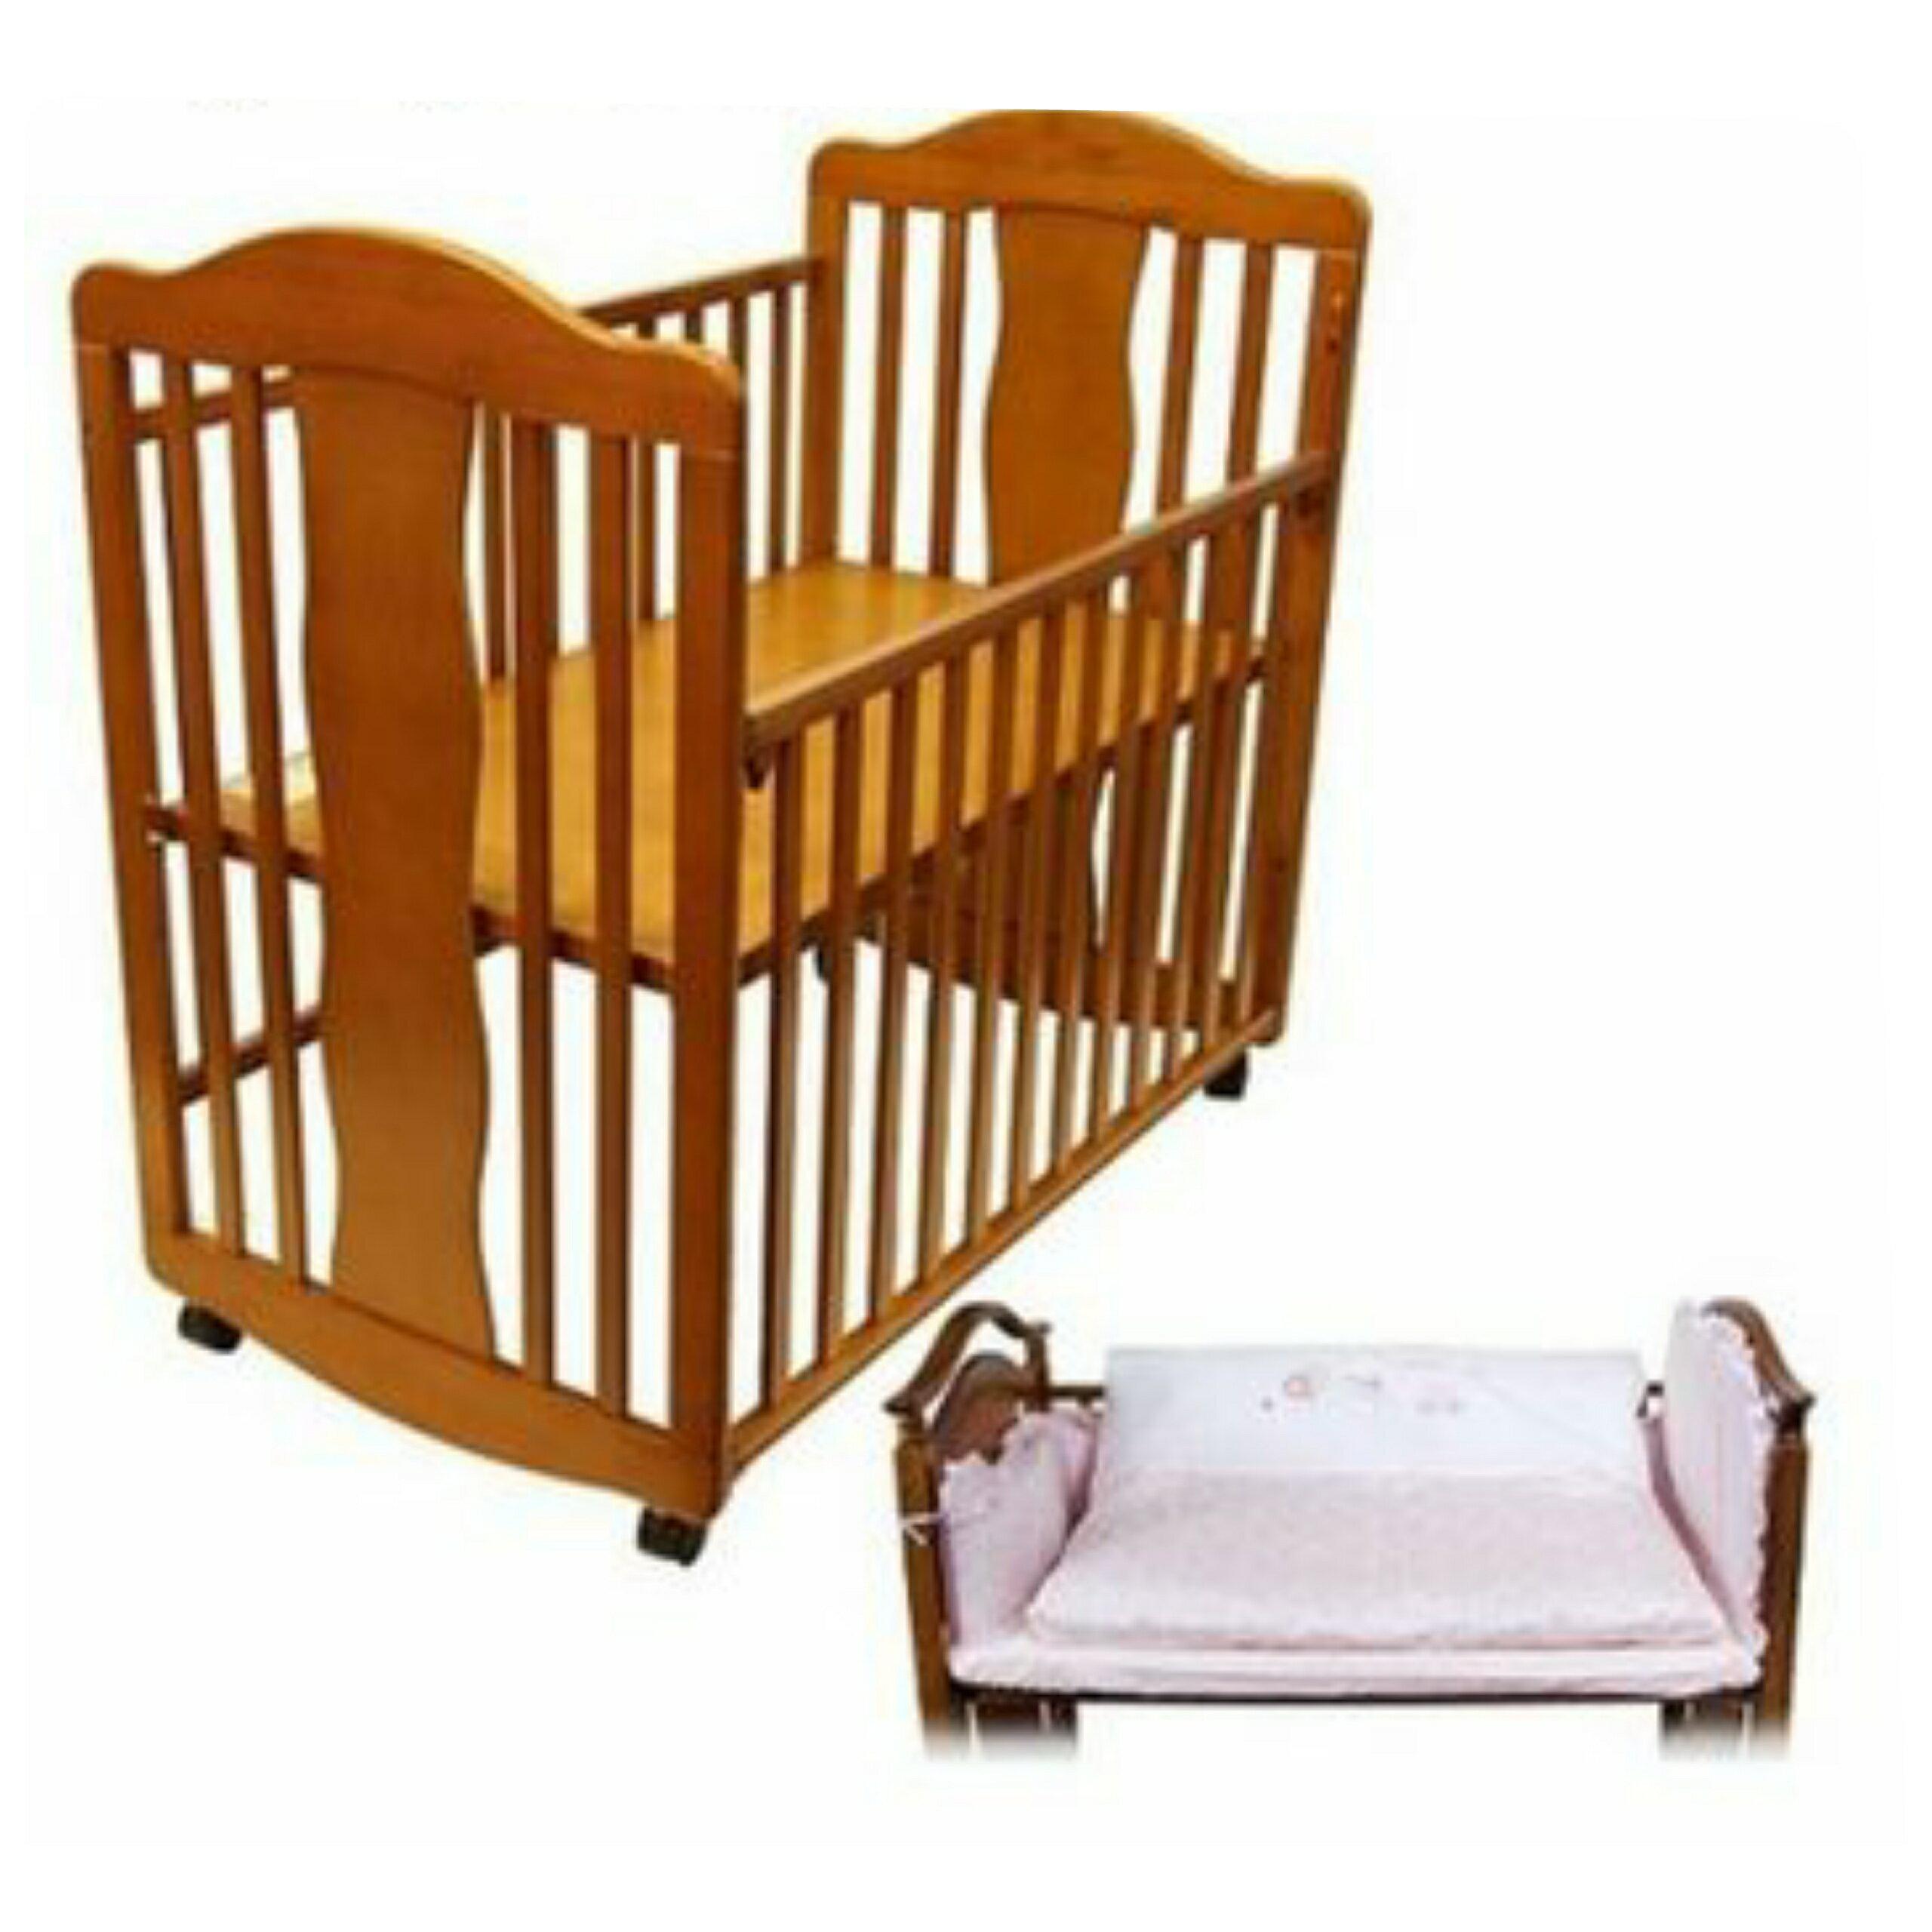 [公司貨] 百貨娃娃城專櫃 Babycity 幸福小床+ 床墊(實木帶滾輪)不含床組